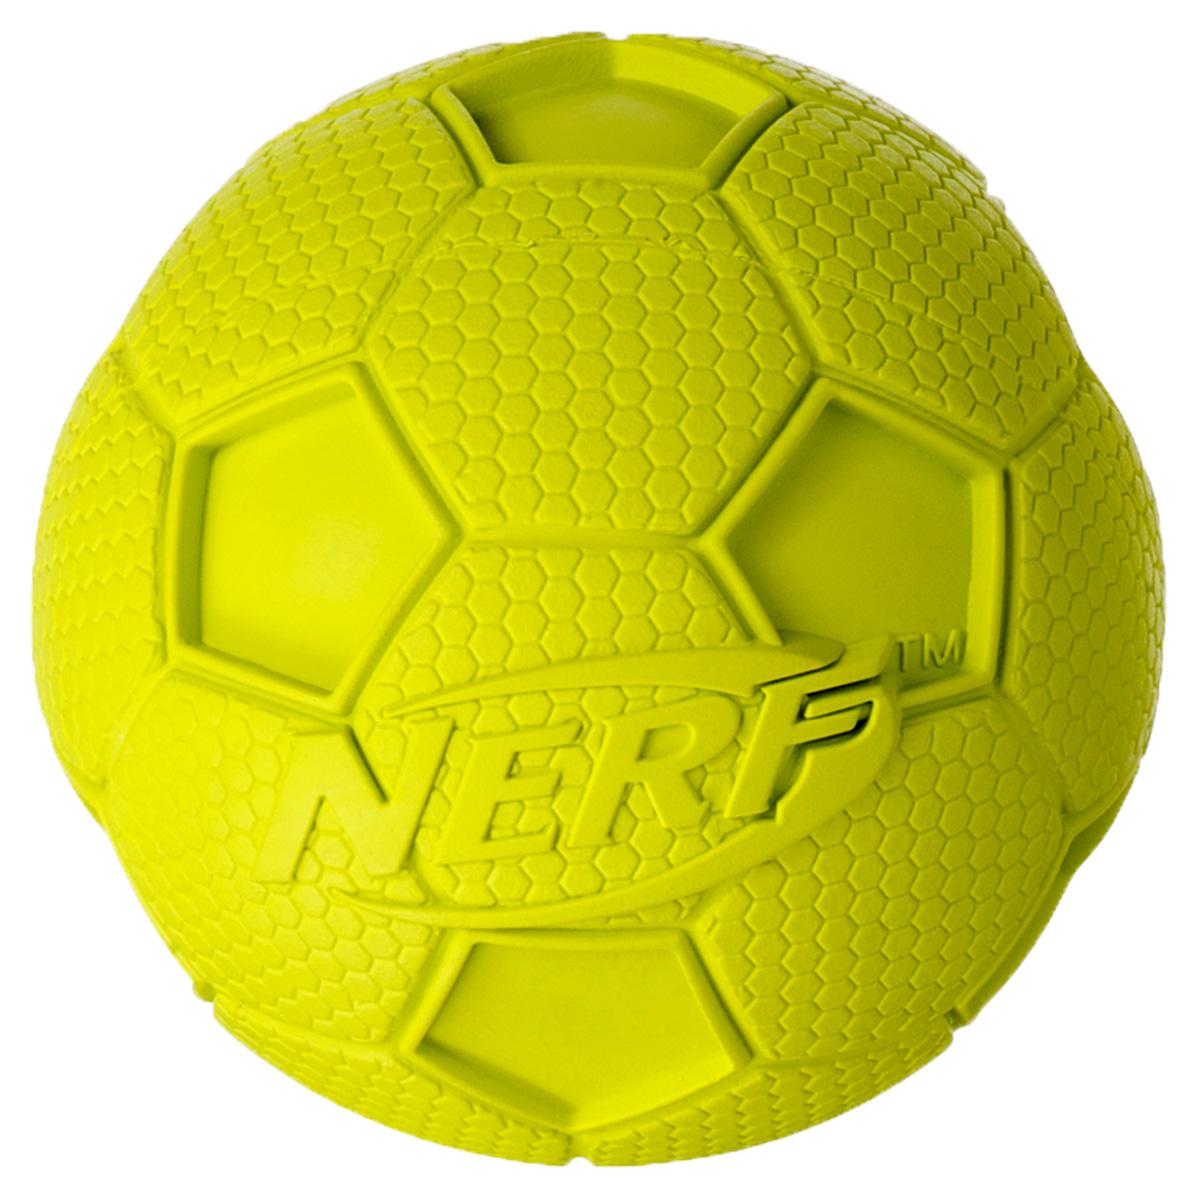 Игрушка для собак Nerf Мяч футбольный, пищащий, 10 см22200Мяч из сверхпрочной резины! Оптимален для игры с собакой дома и на свежем воздухе! Подходит собакам с самой мощной челюстью! Высококачественные прочные материалы, из которых изготовлена игрушка, обеспечивают долговечность использования! Звук мяча дополнительно увлекает собаку игрой! Яркие привлекательные цвета! Игрушки Nerf Dog представлены в различных сериях в зависимости от рисунка, фактуры и материала, из которого они изготовлены (резина, ТПР, нейлон, пластик, каучук). Размер: 10 см, L.